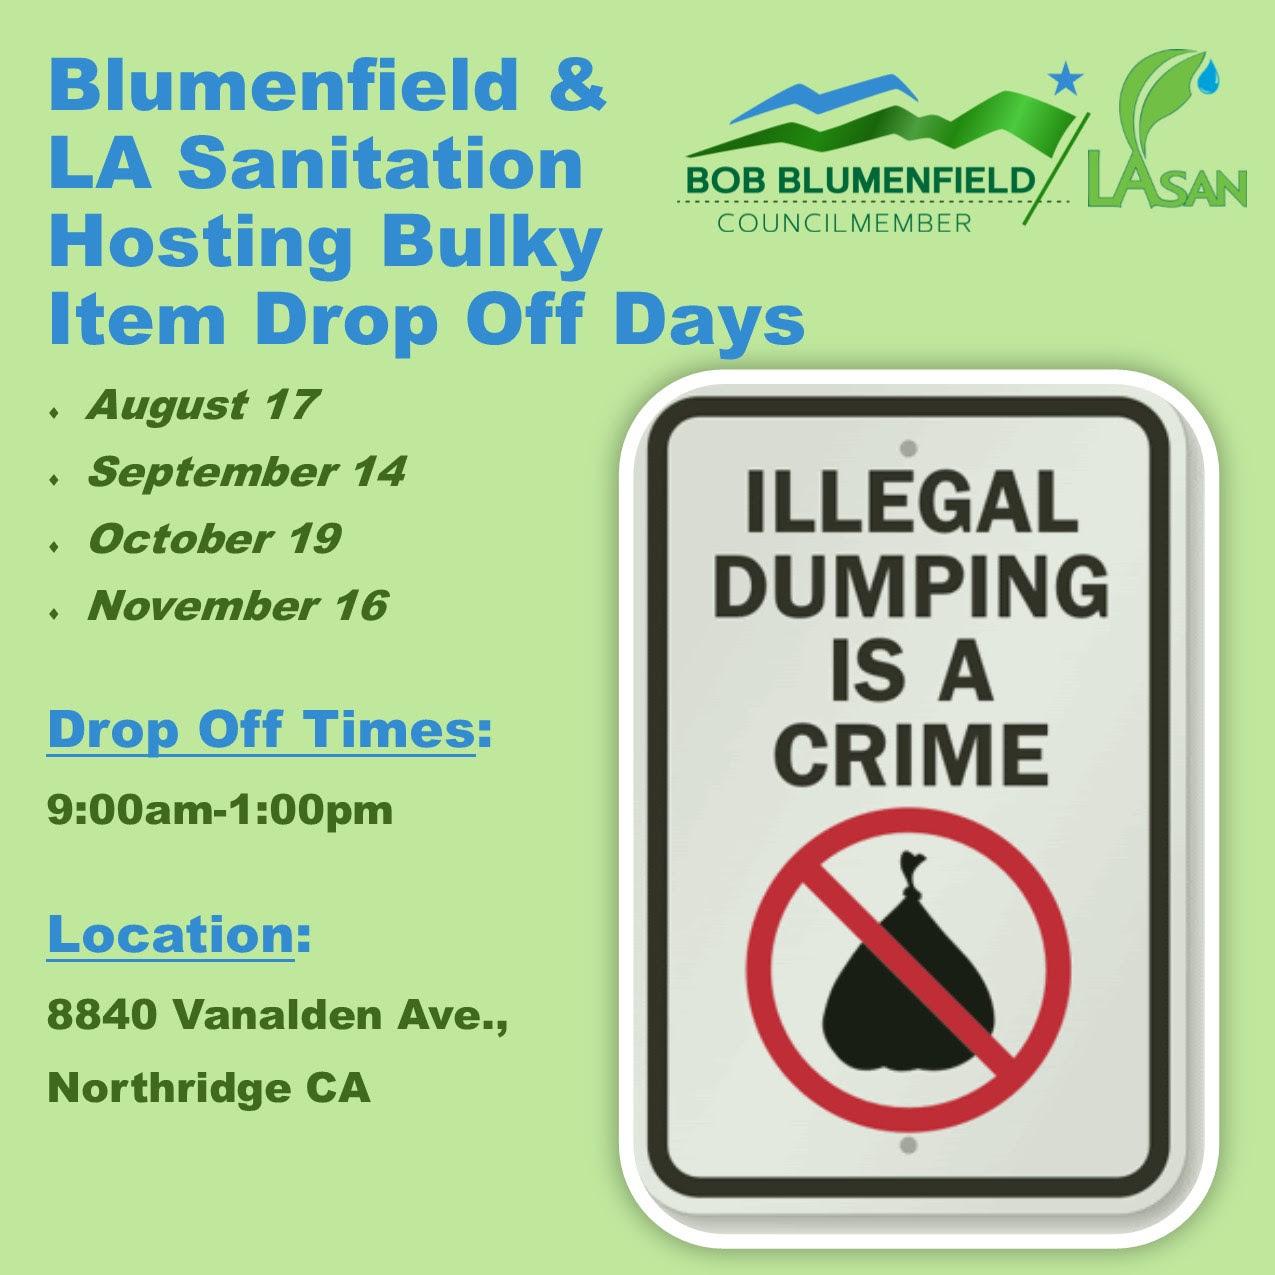 Bulky_Dumping.jpg